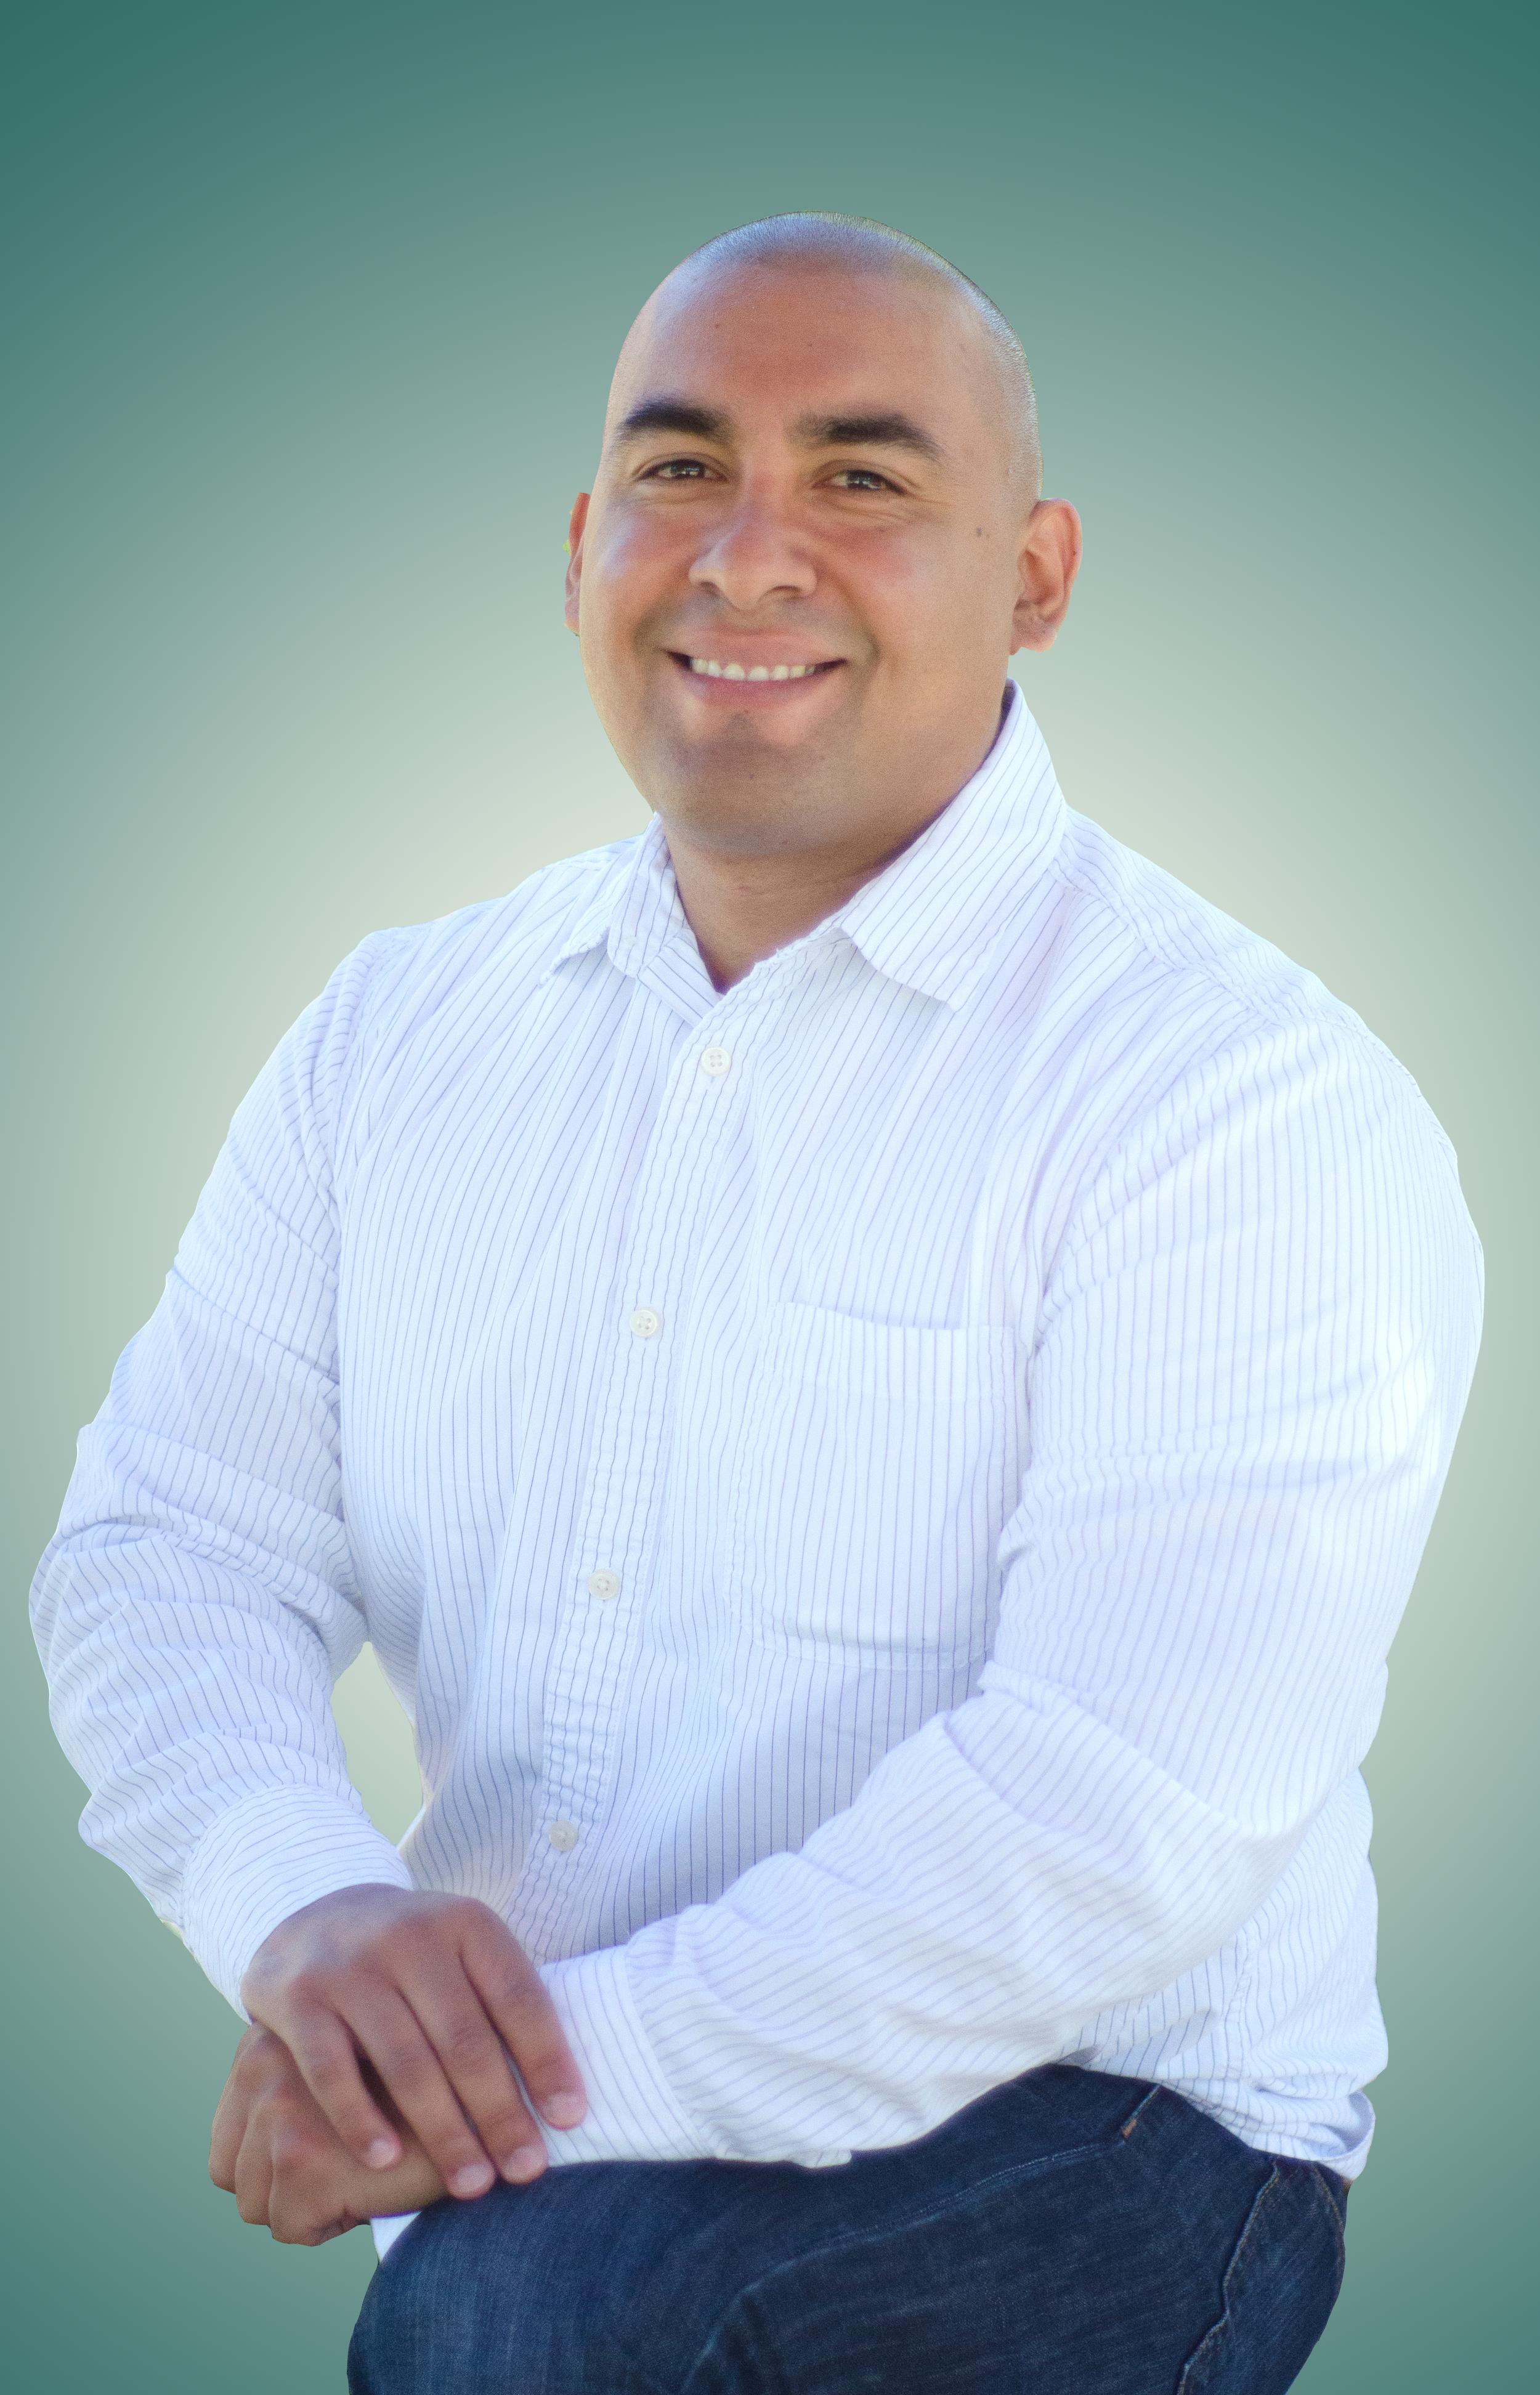 Victor Velasquez